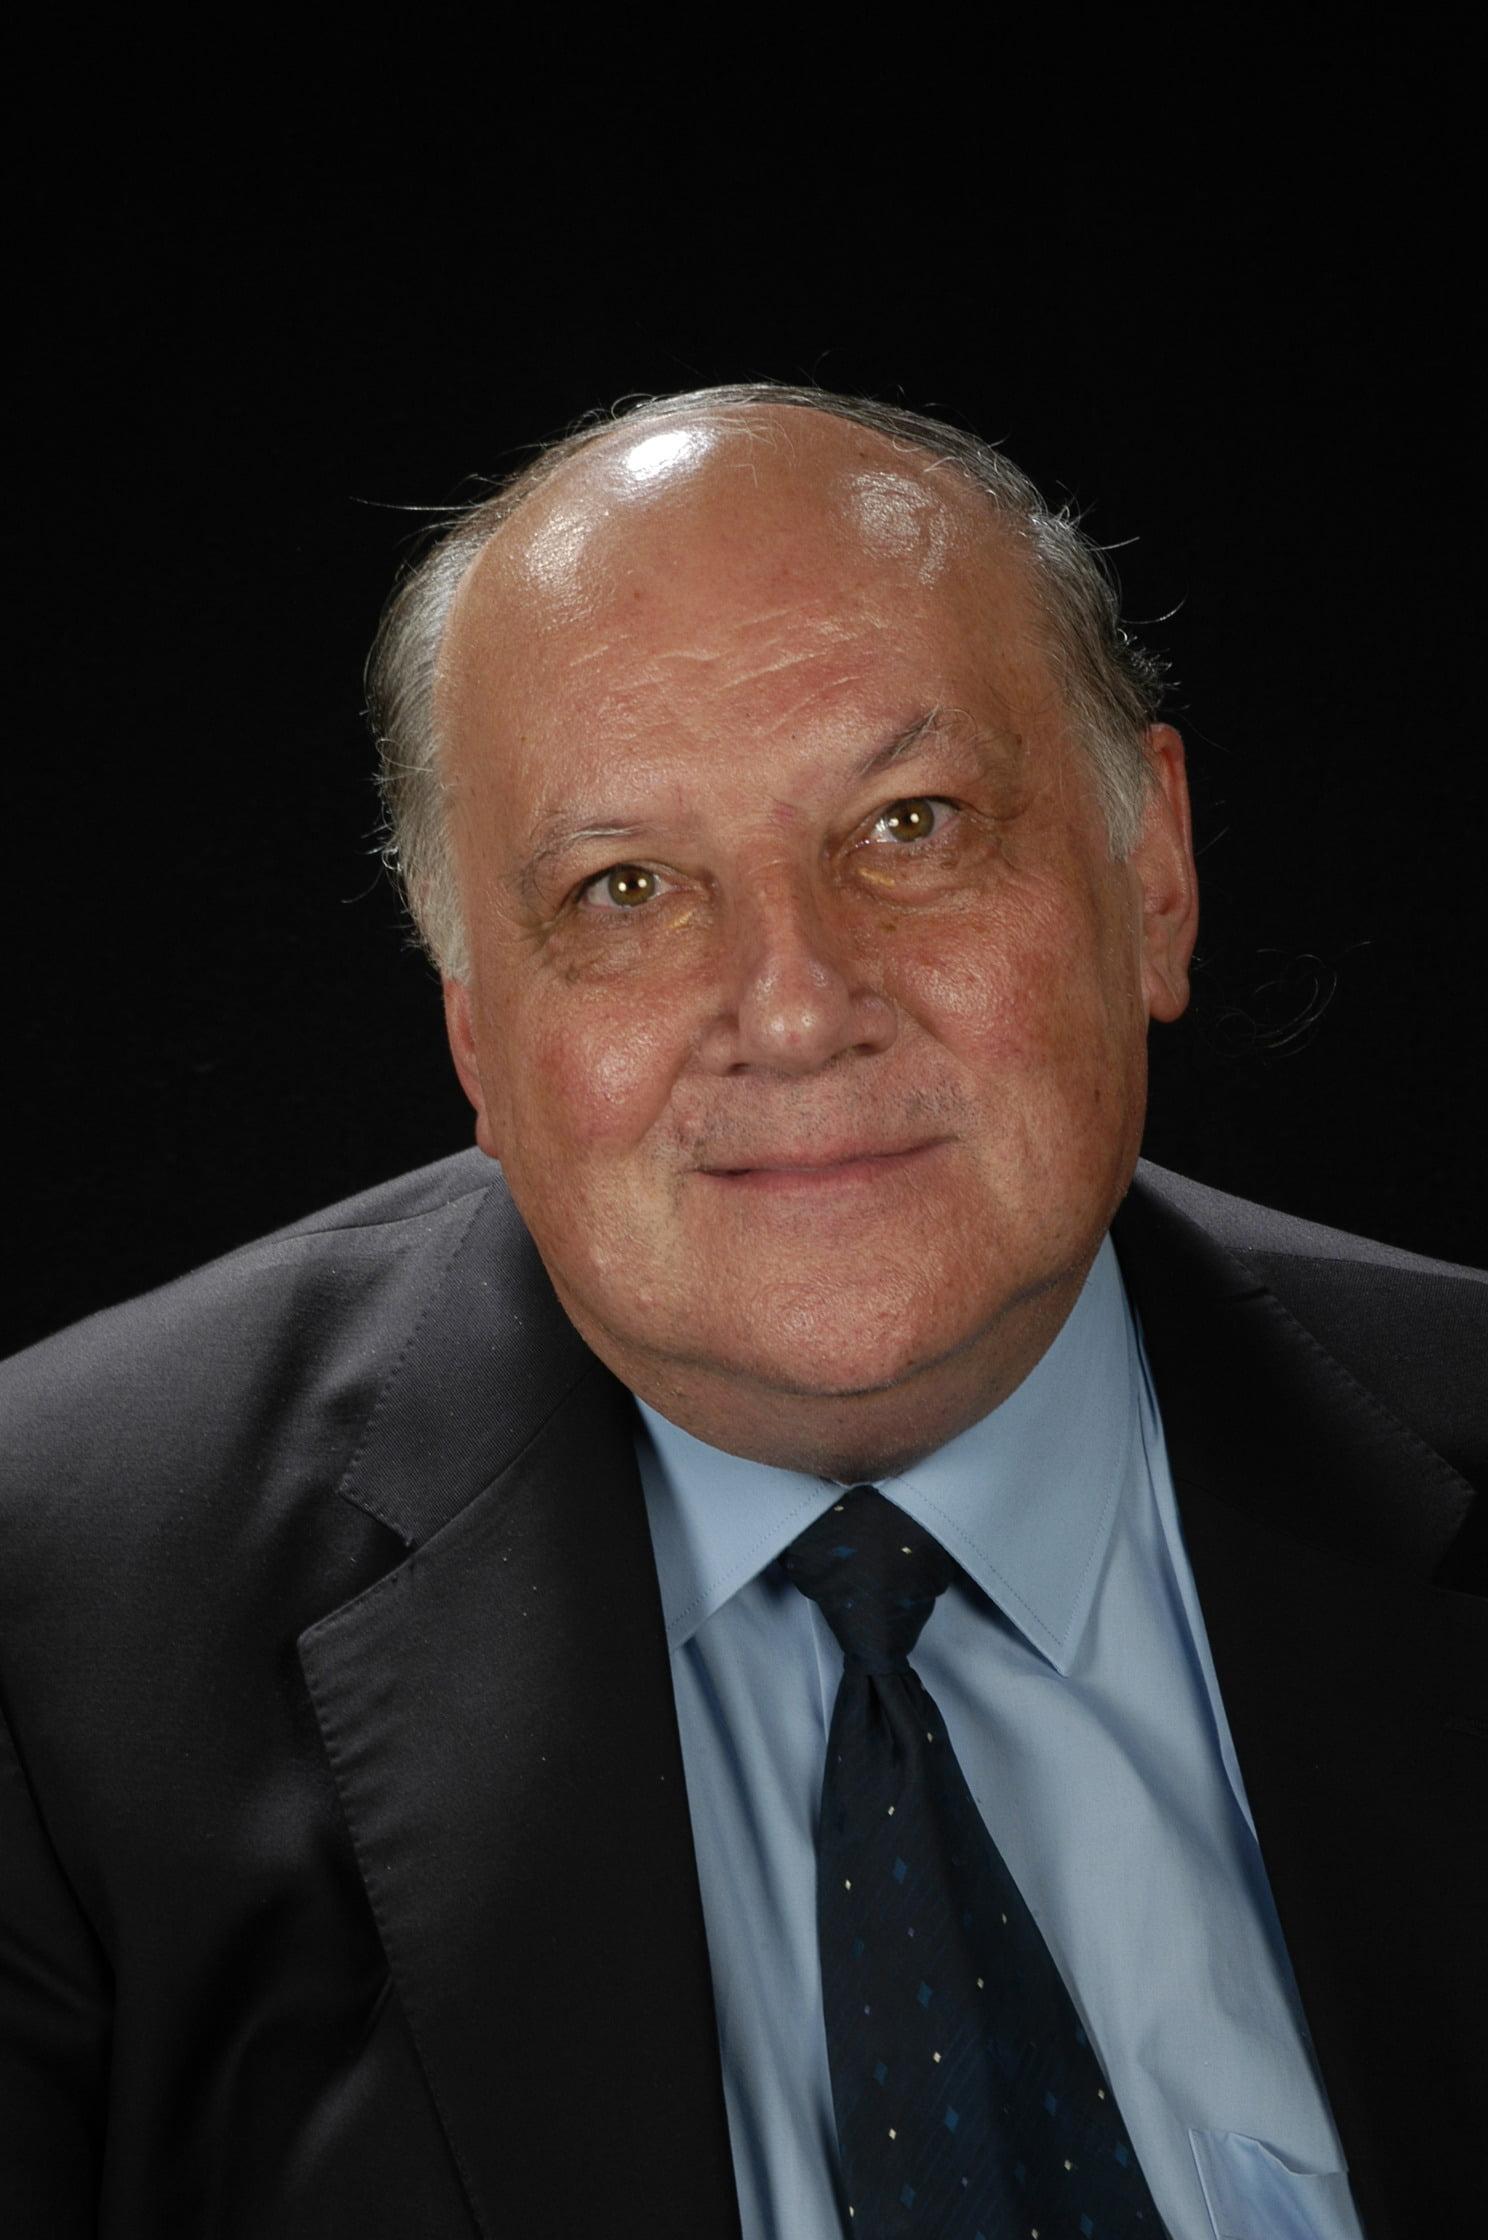 Dr. Josep Carreras Barnés